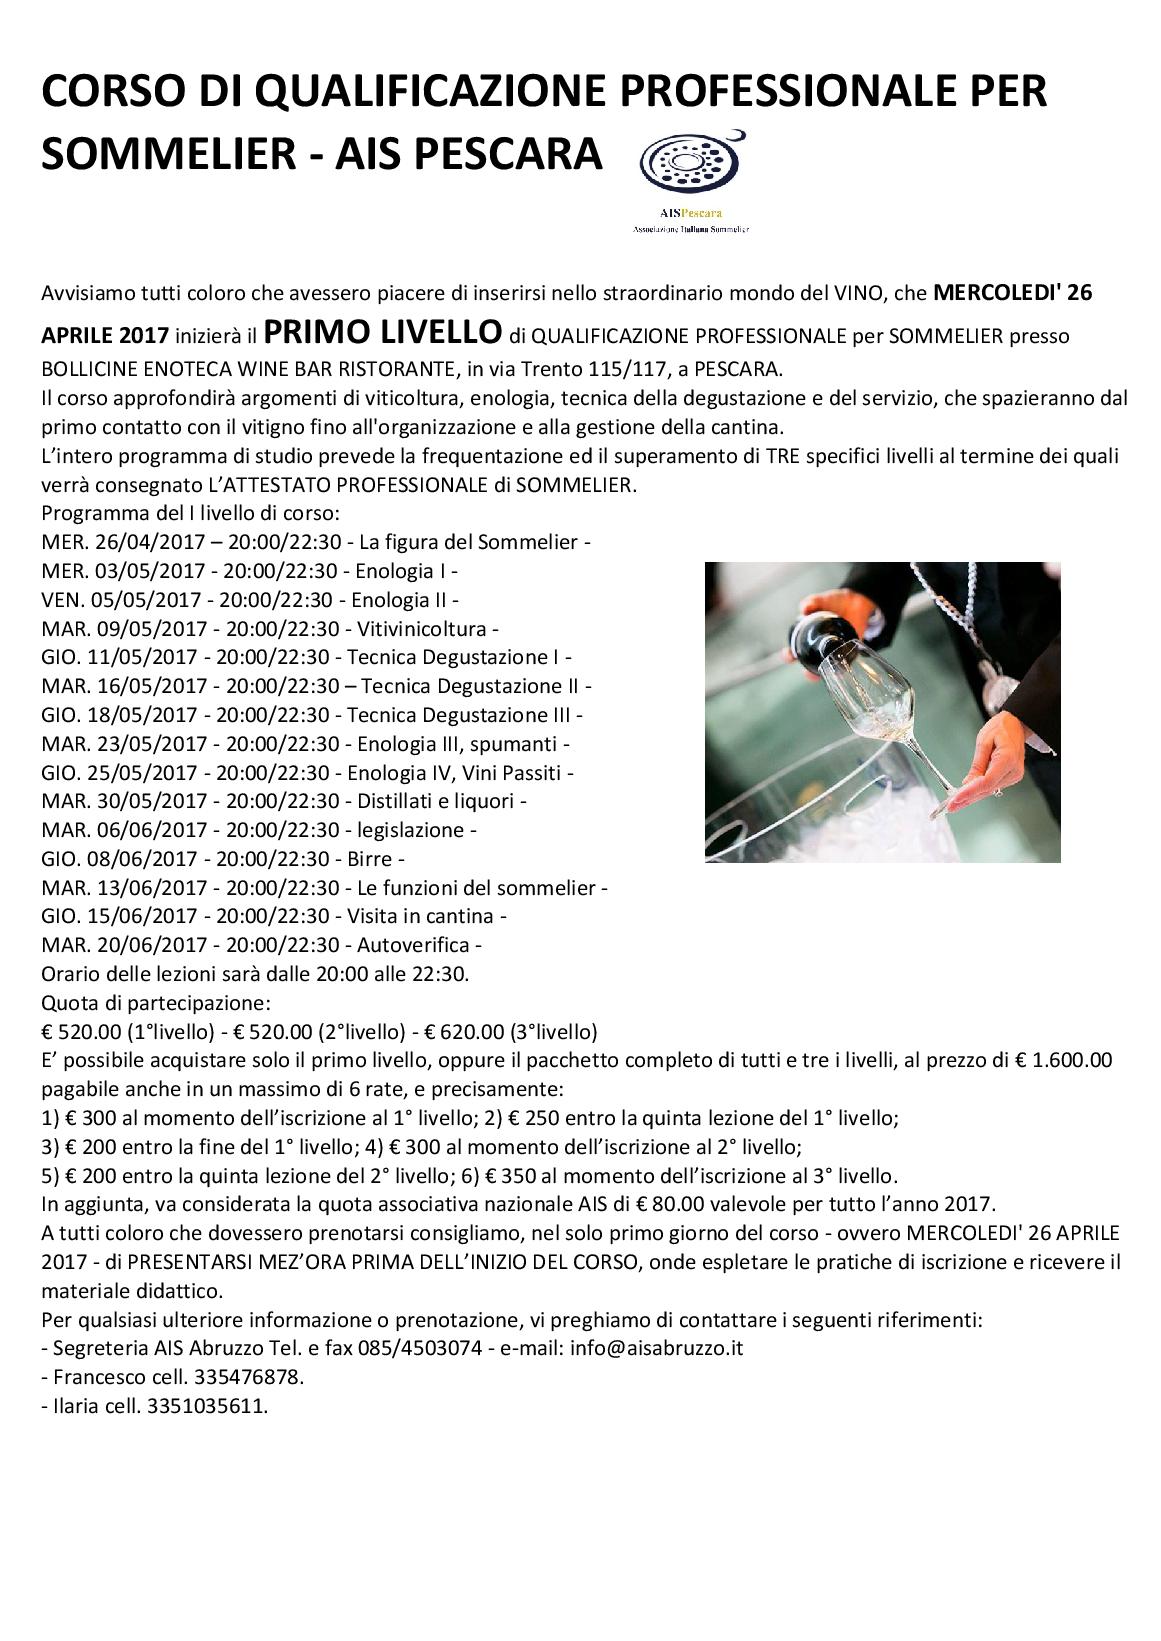 LETTERA INIZIO PRIMO LIVELLO PESCARA26apr